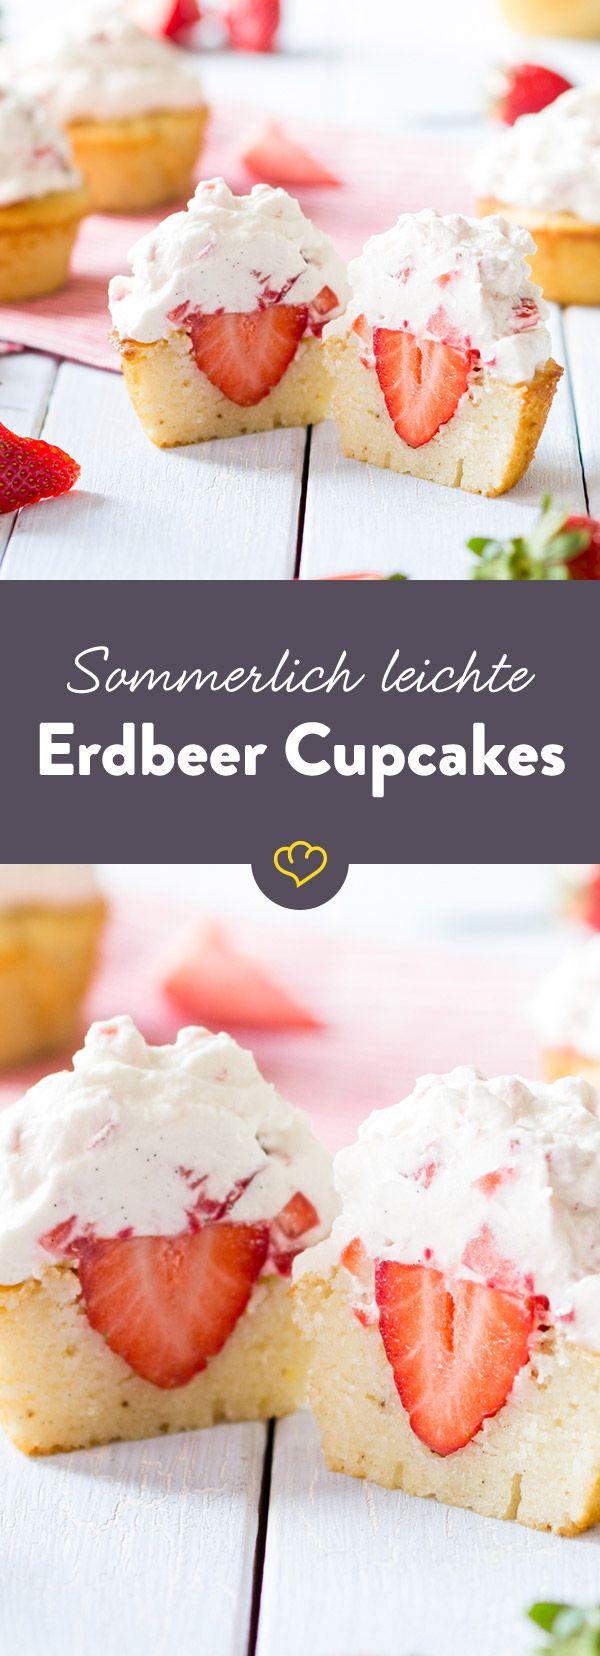 Sommerzeit, Erdbeerzeit: Leichte Erdbeer-Cupcakes #cupcakesrezepte